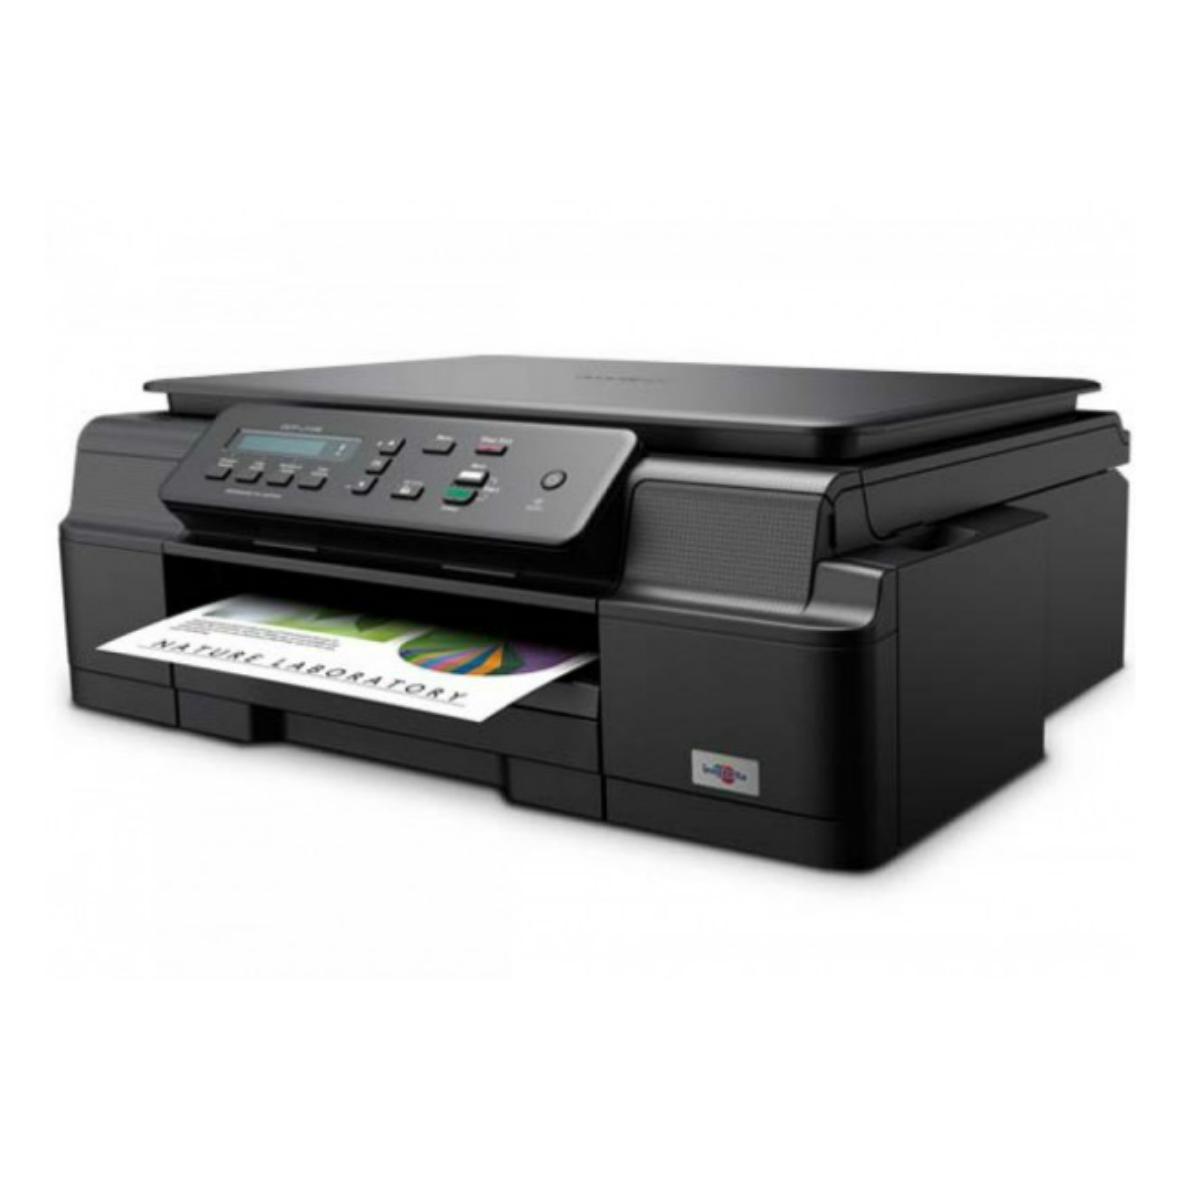 Impresoras y eq de oficina c mputo - Impresoras para oficina ...